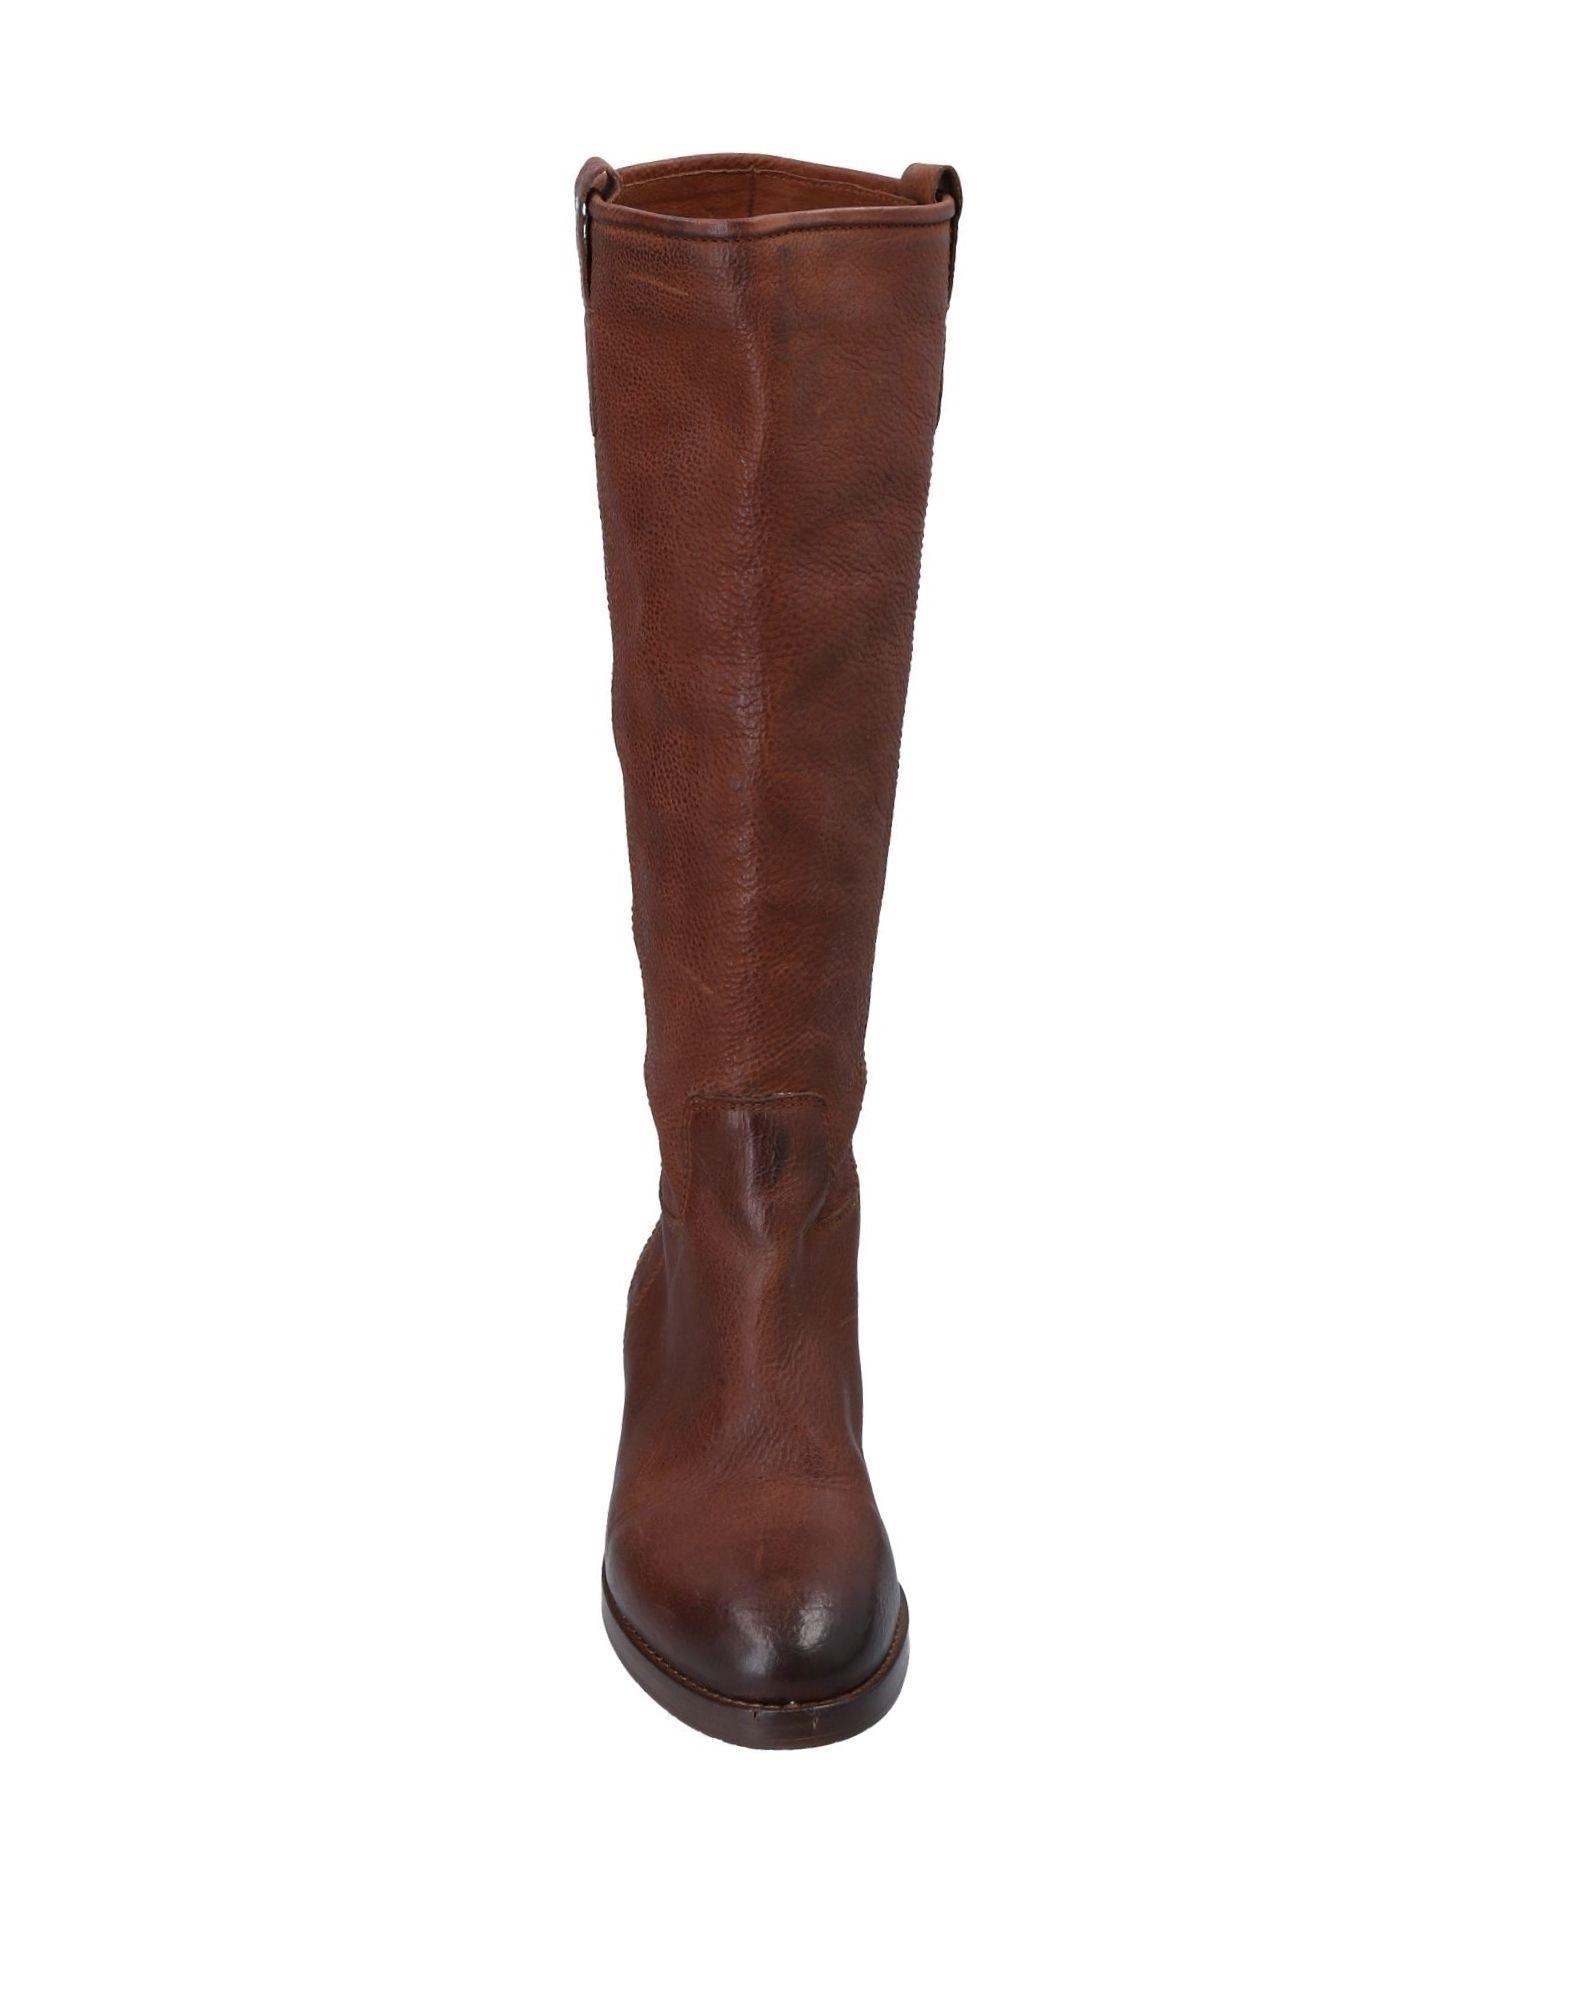 Billig-3430,El Campero Stiefel Damen lohnt Gutes Preis-Leistungs-Verhältnis, es lohnt Damen sich 7d3c9d